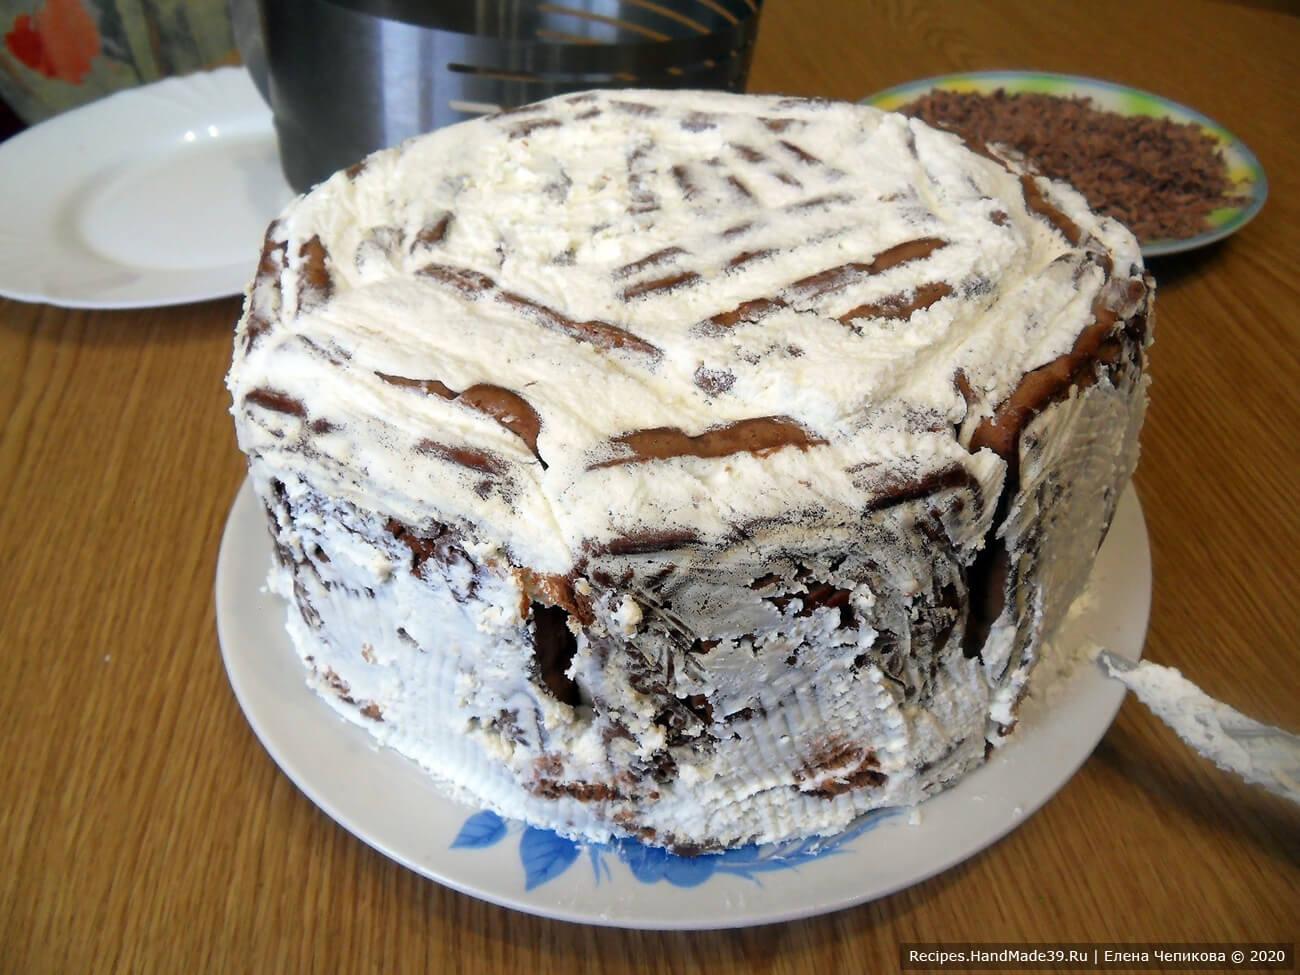 Торт перевернуть на тарелку, потянуть за края пищевой плёнки – торт легко выйдет из формы. Плёнку удалить